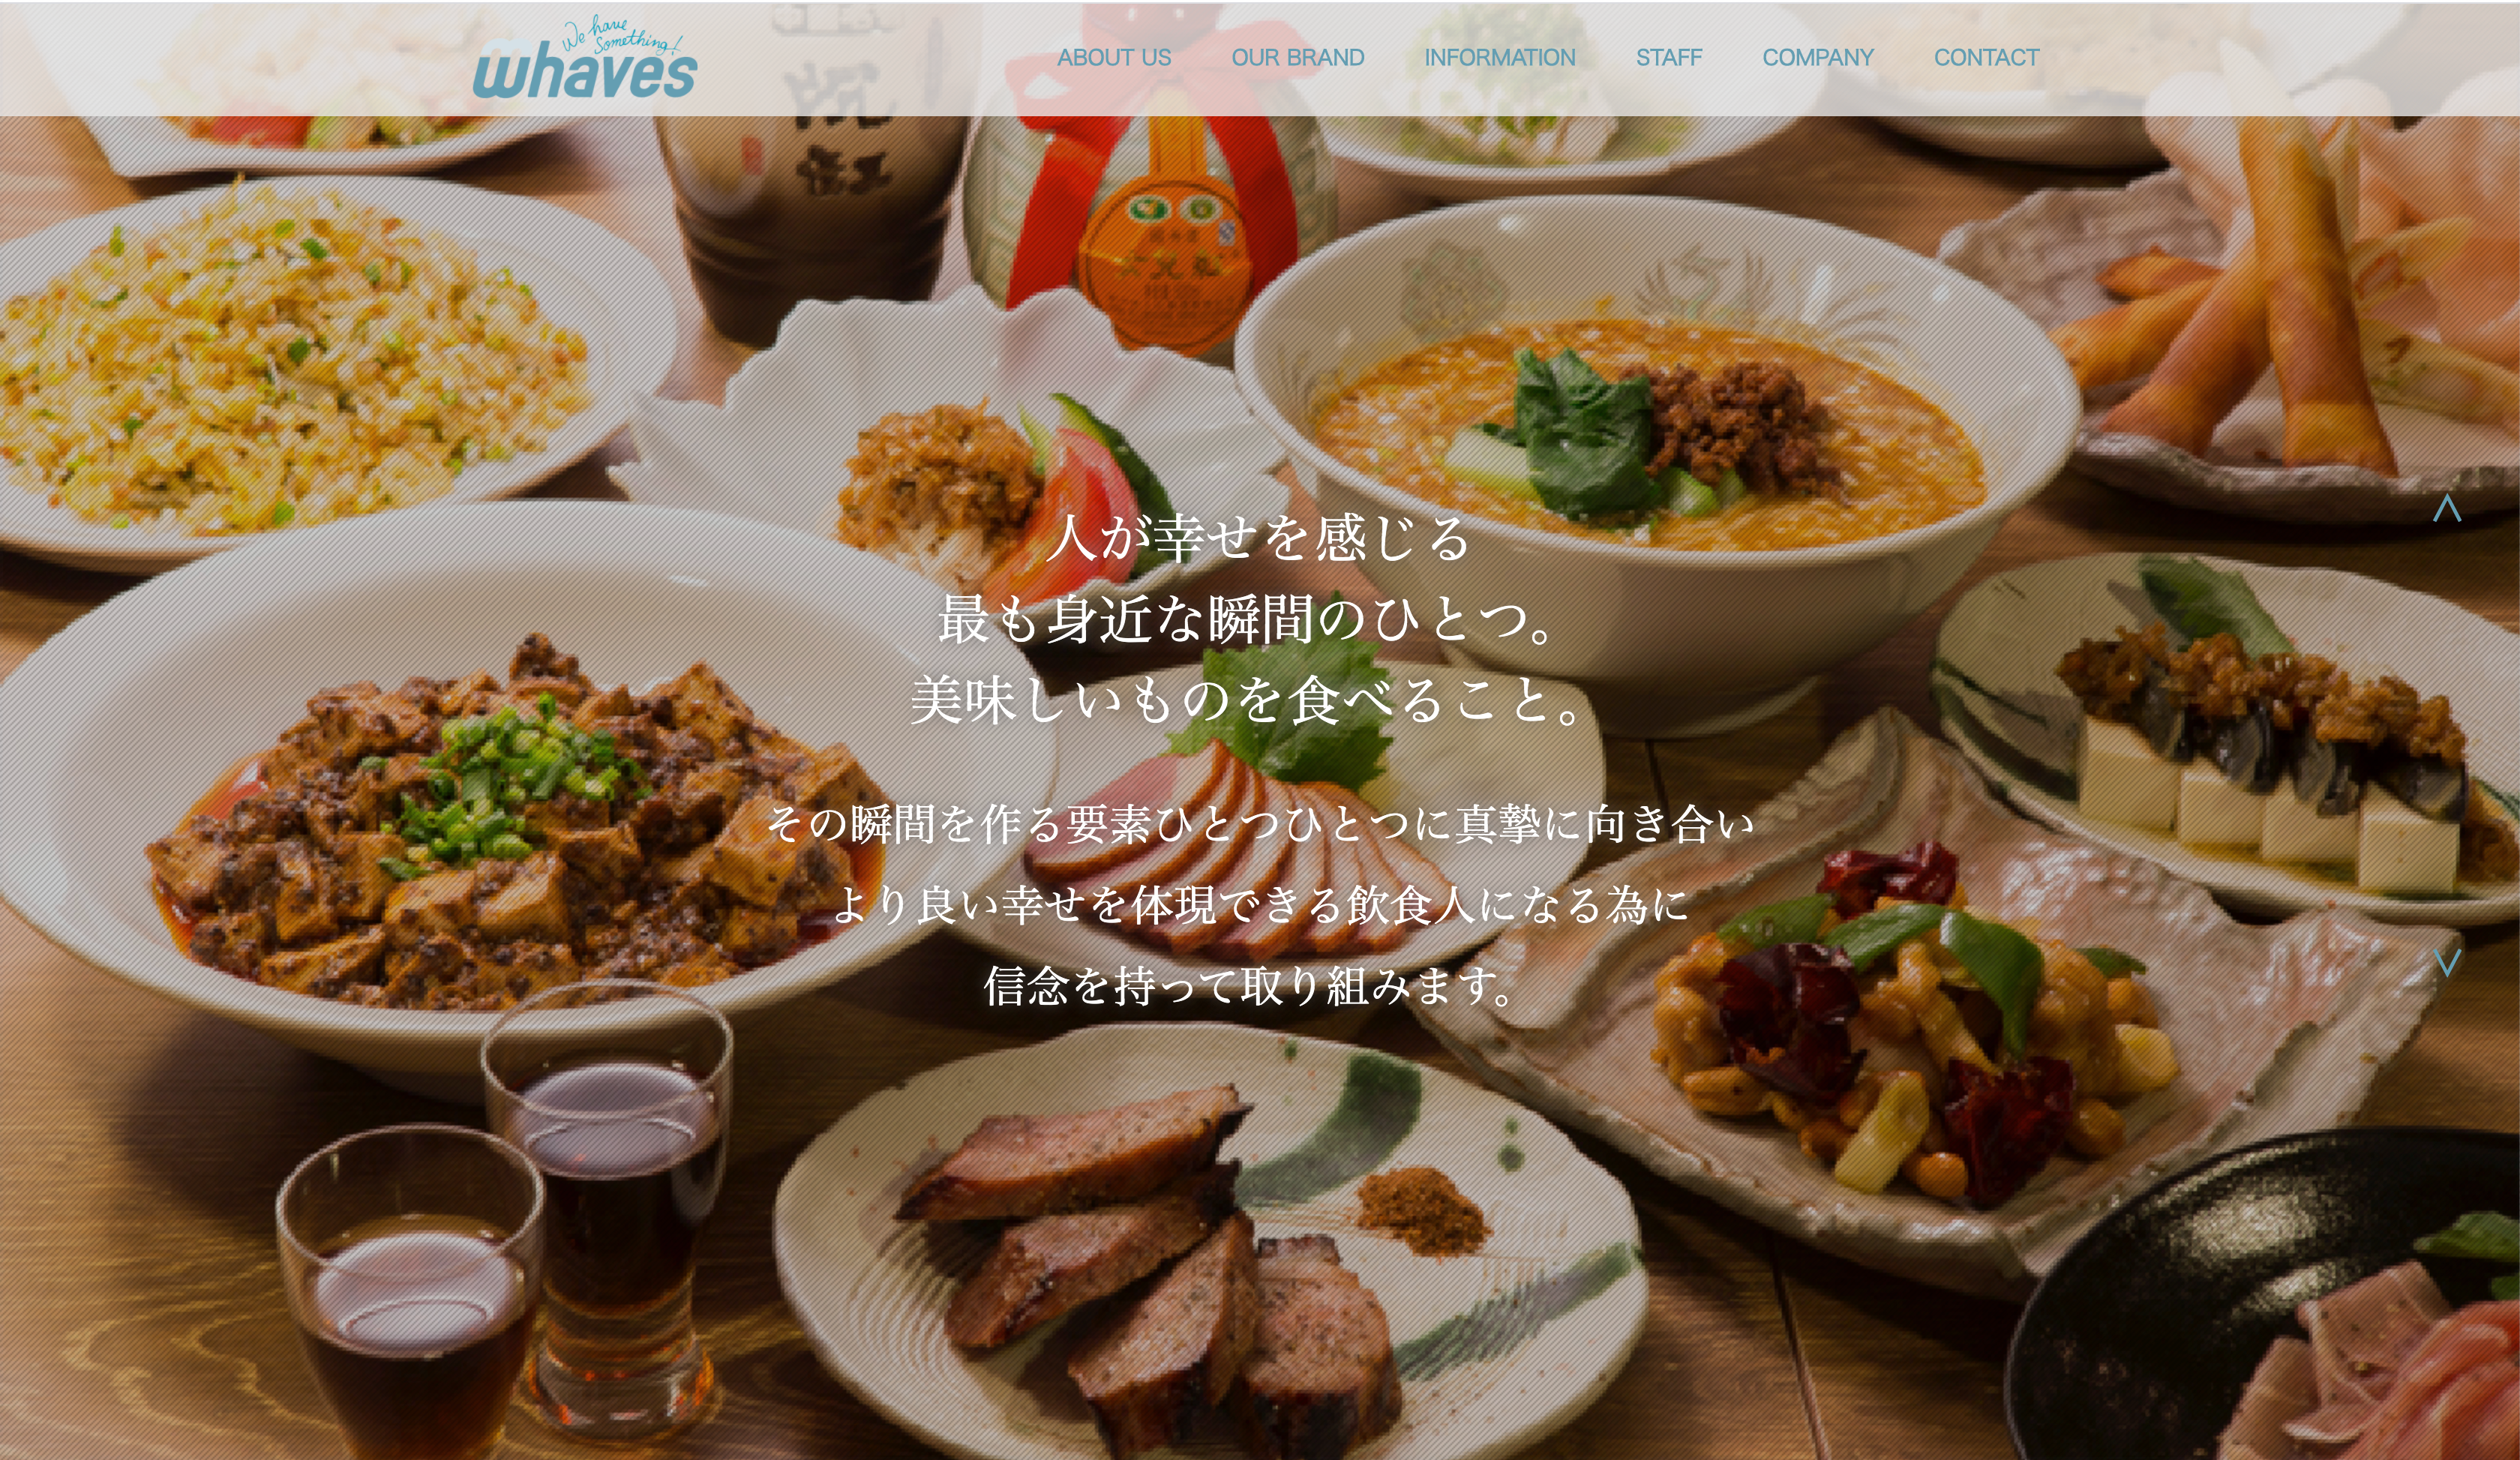 whavesオフィシャルサイト